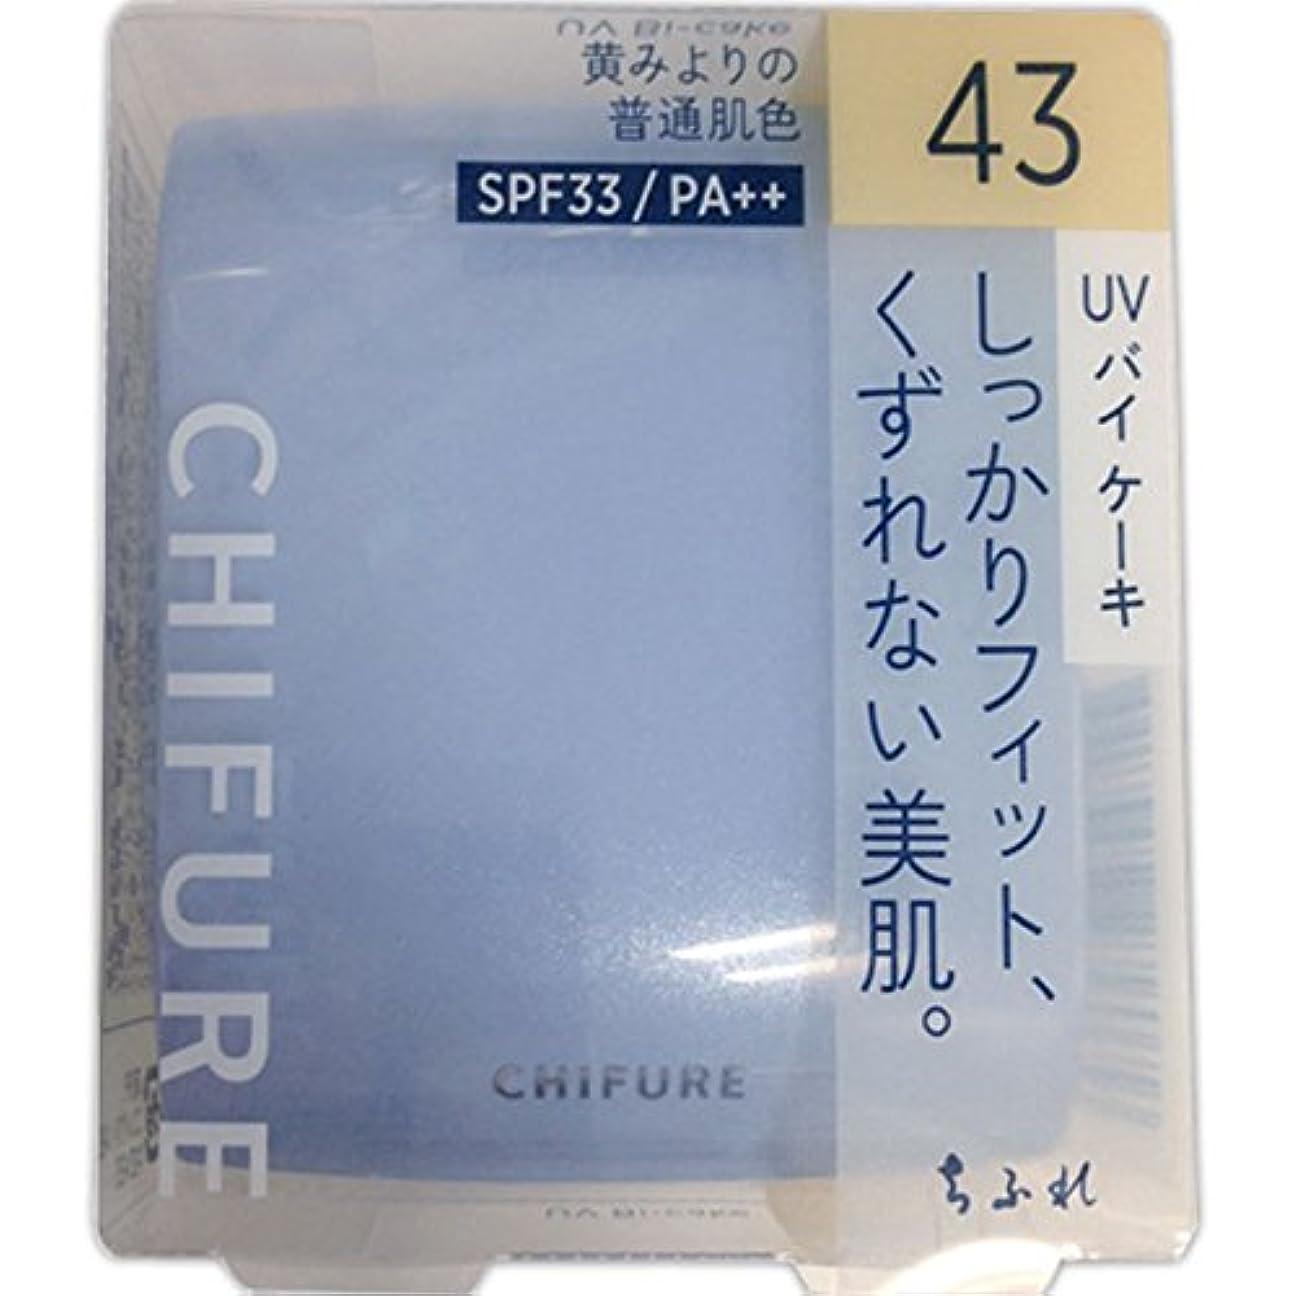 安全な操るしみちふれ化粧品 UV バイ ケーキ(スポンジ入り) 43 黄みよりの普通肌色 43